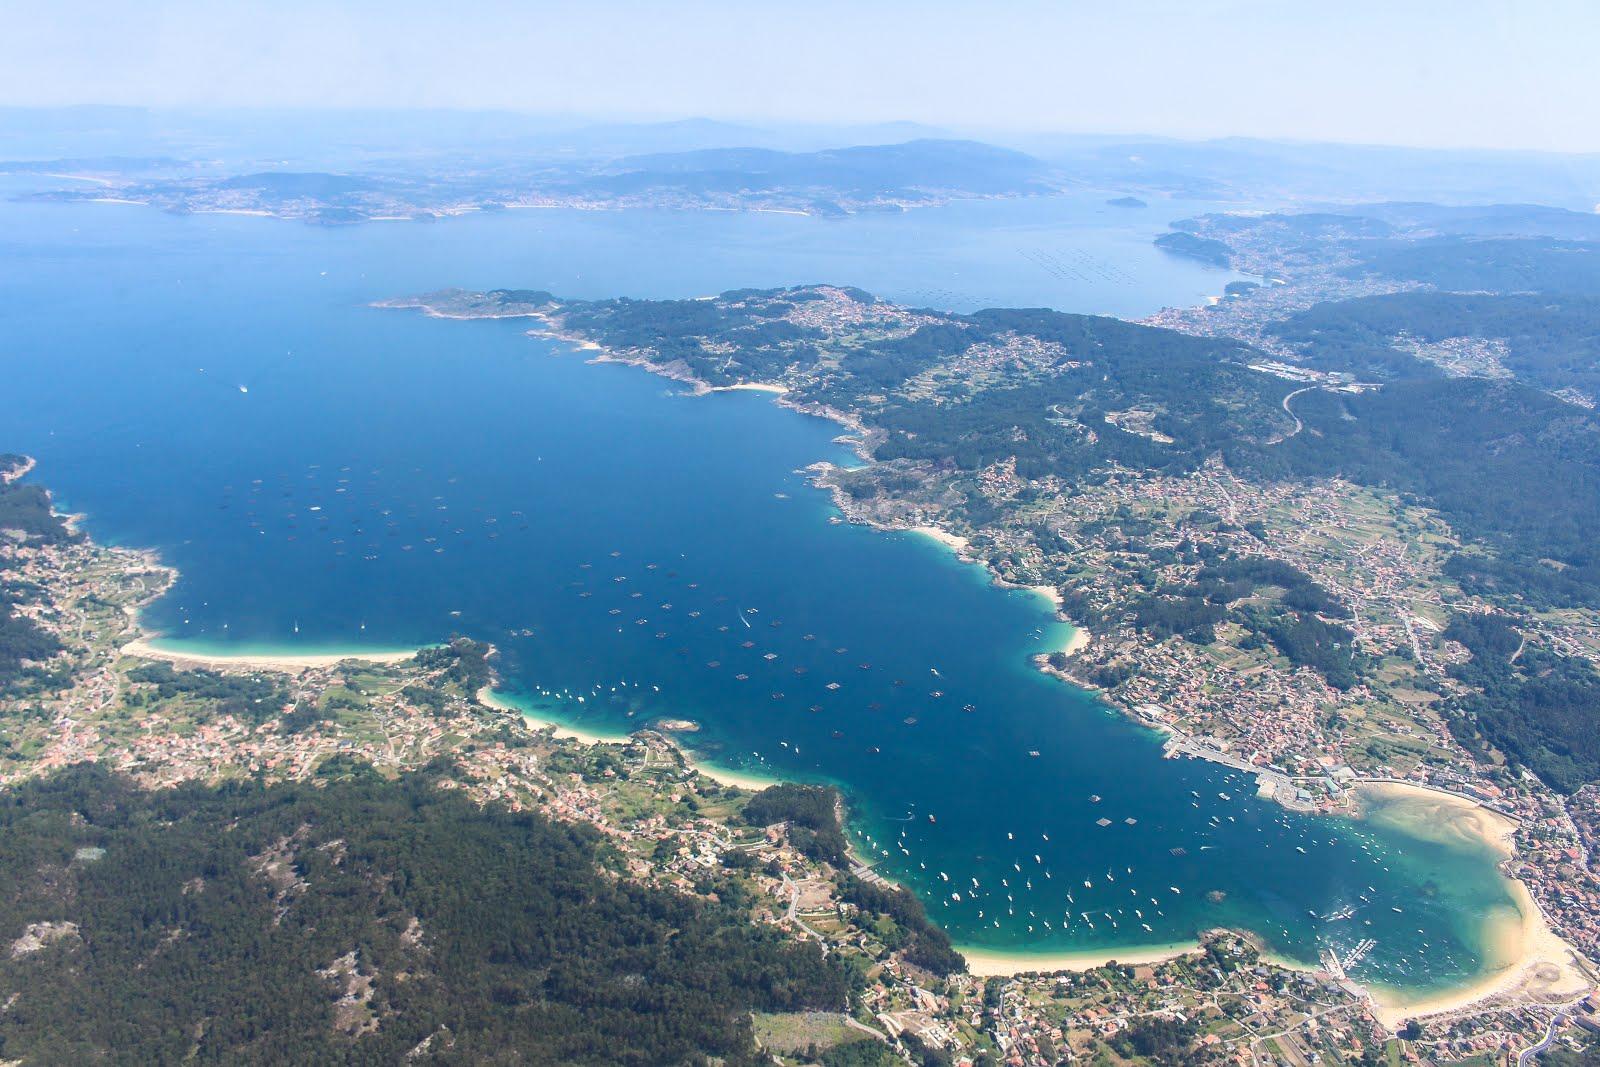 Vista aérea de Vigo y alrededores